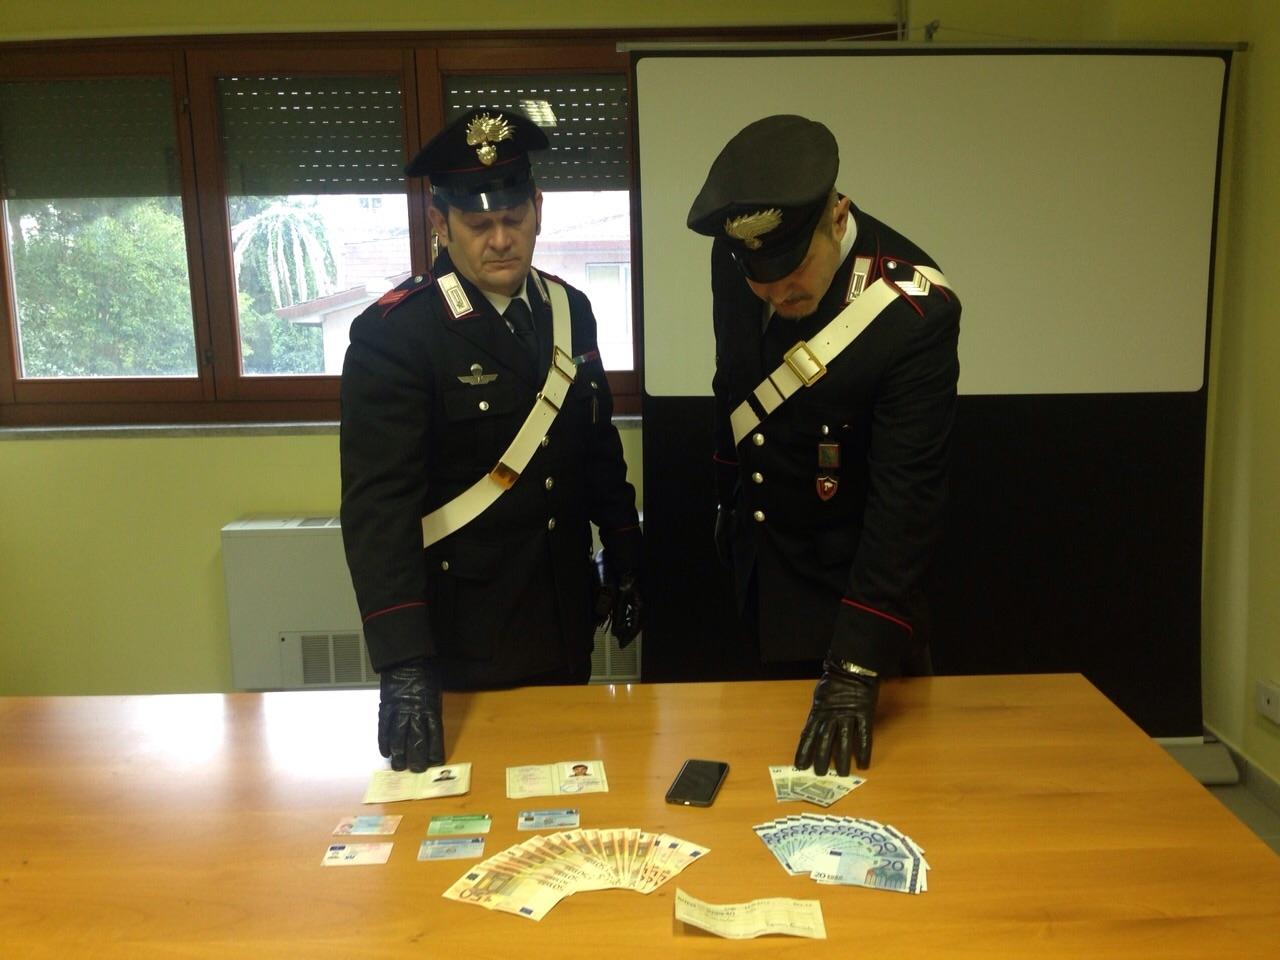 Photo of Pakistano si presenta all'esame di italiano per il permesso di soggiorno al posto di un afgano. Arrestato